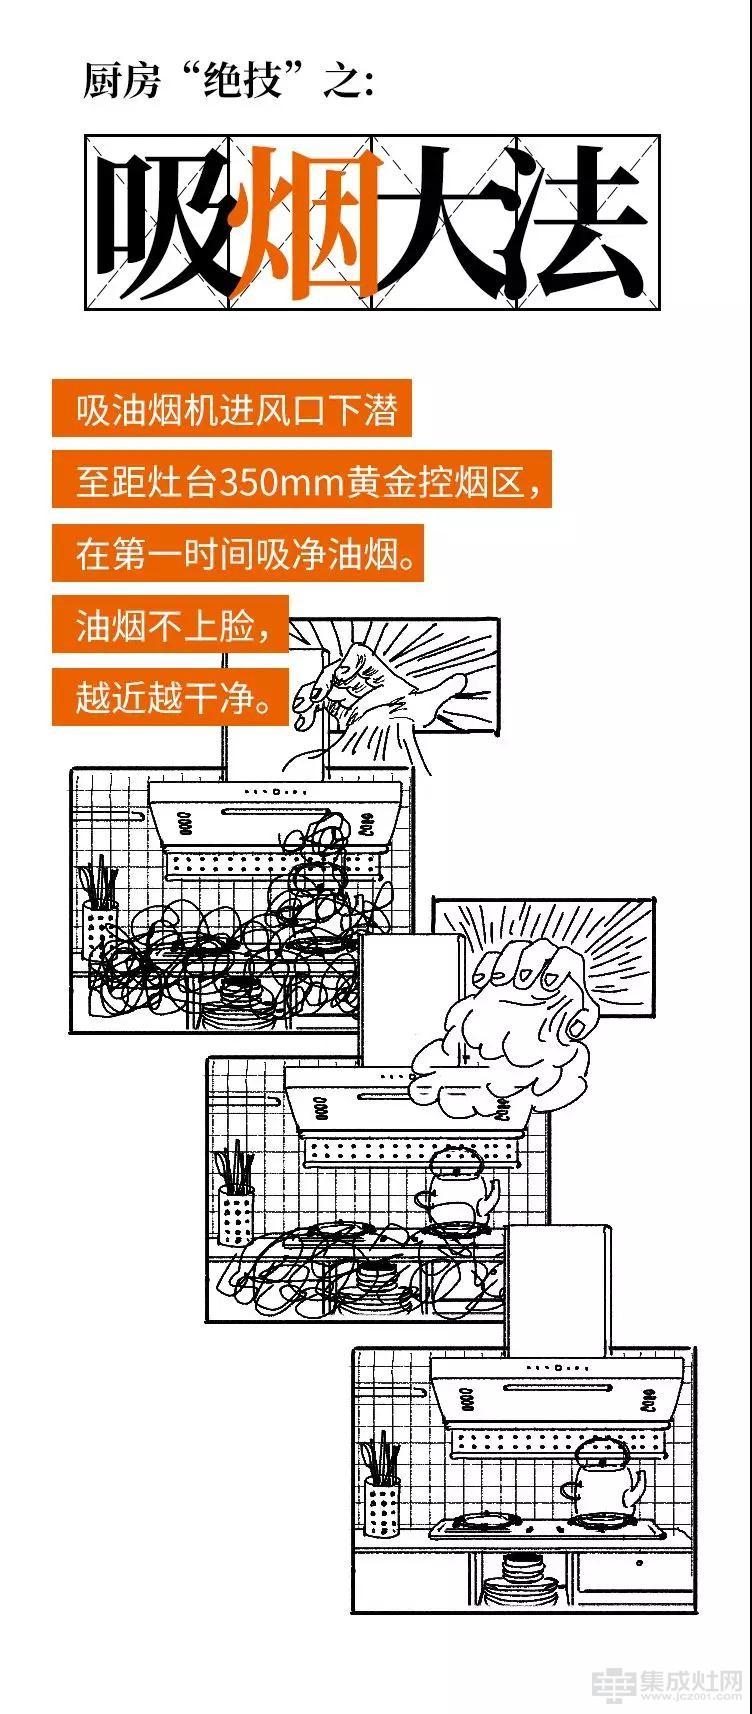 """帅康集成灶:下厨狂人的独门""""绝技"""""""